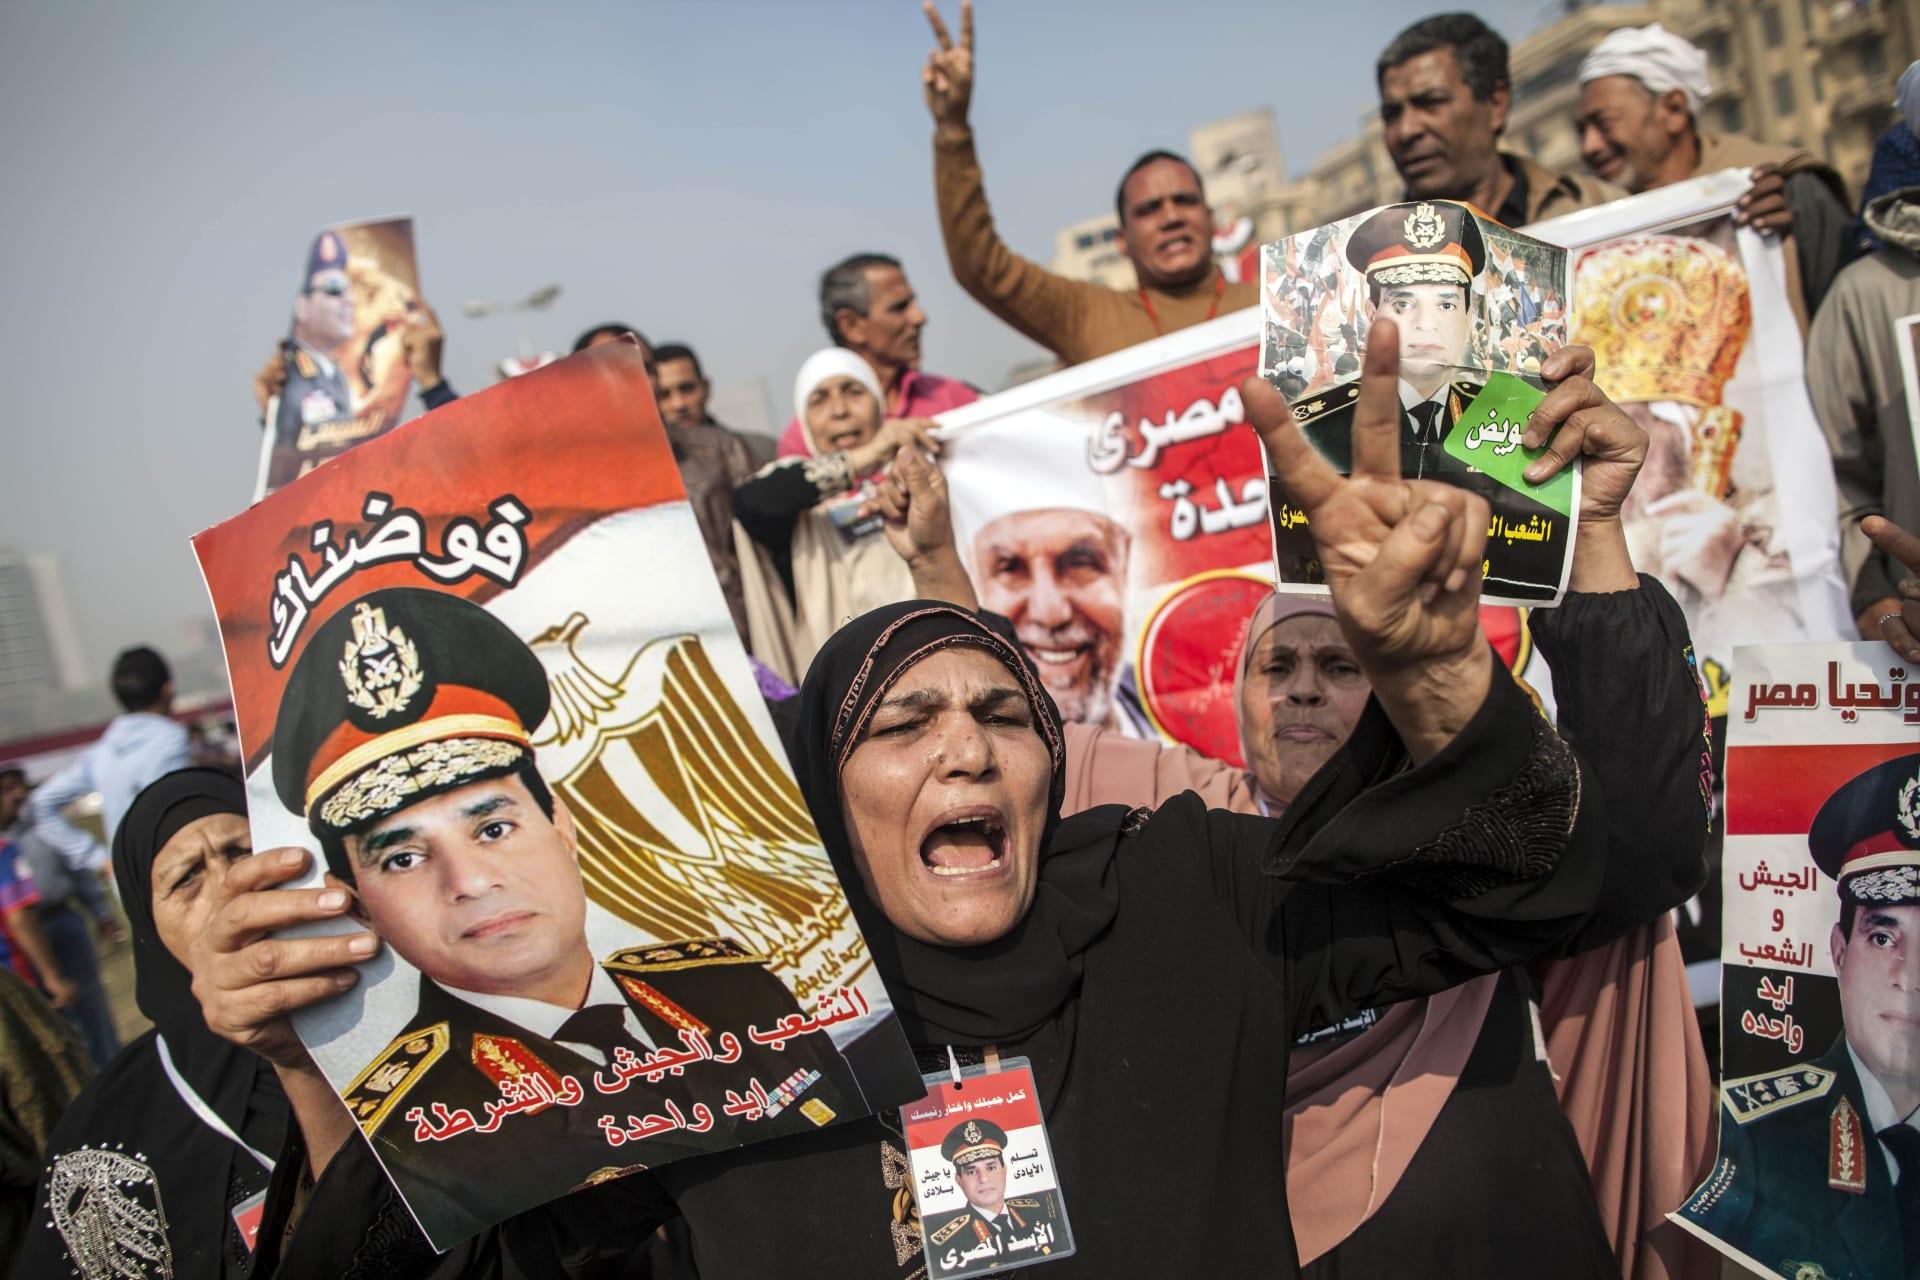 لماذا يفضل المصريون حاكماً عسكرياً؟